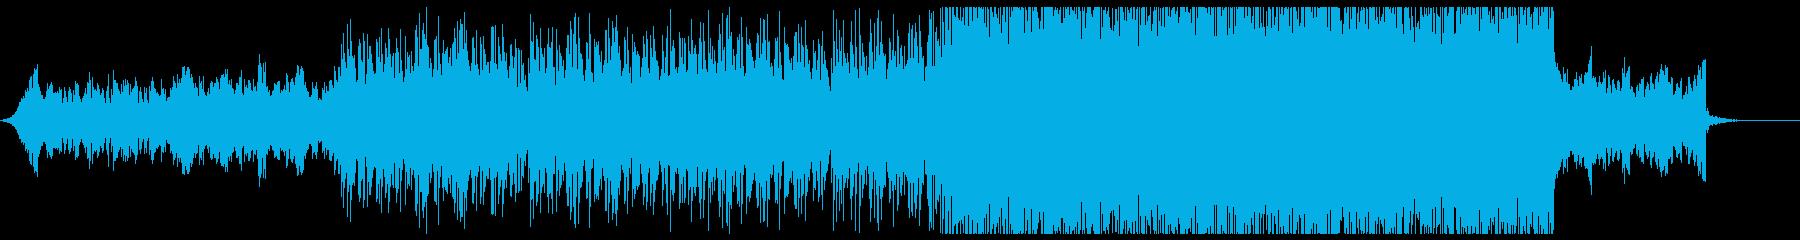 爽やかで浮遊感のあるエレクトロの再生済みの波形